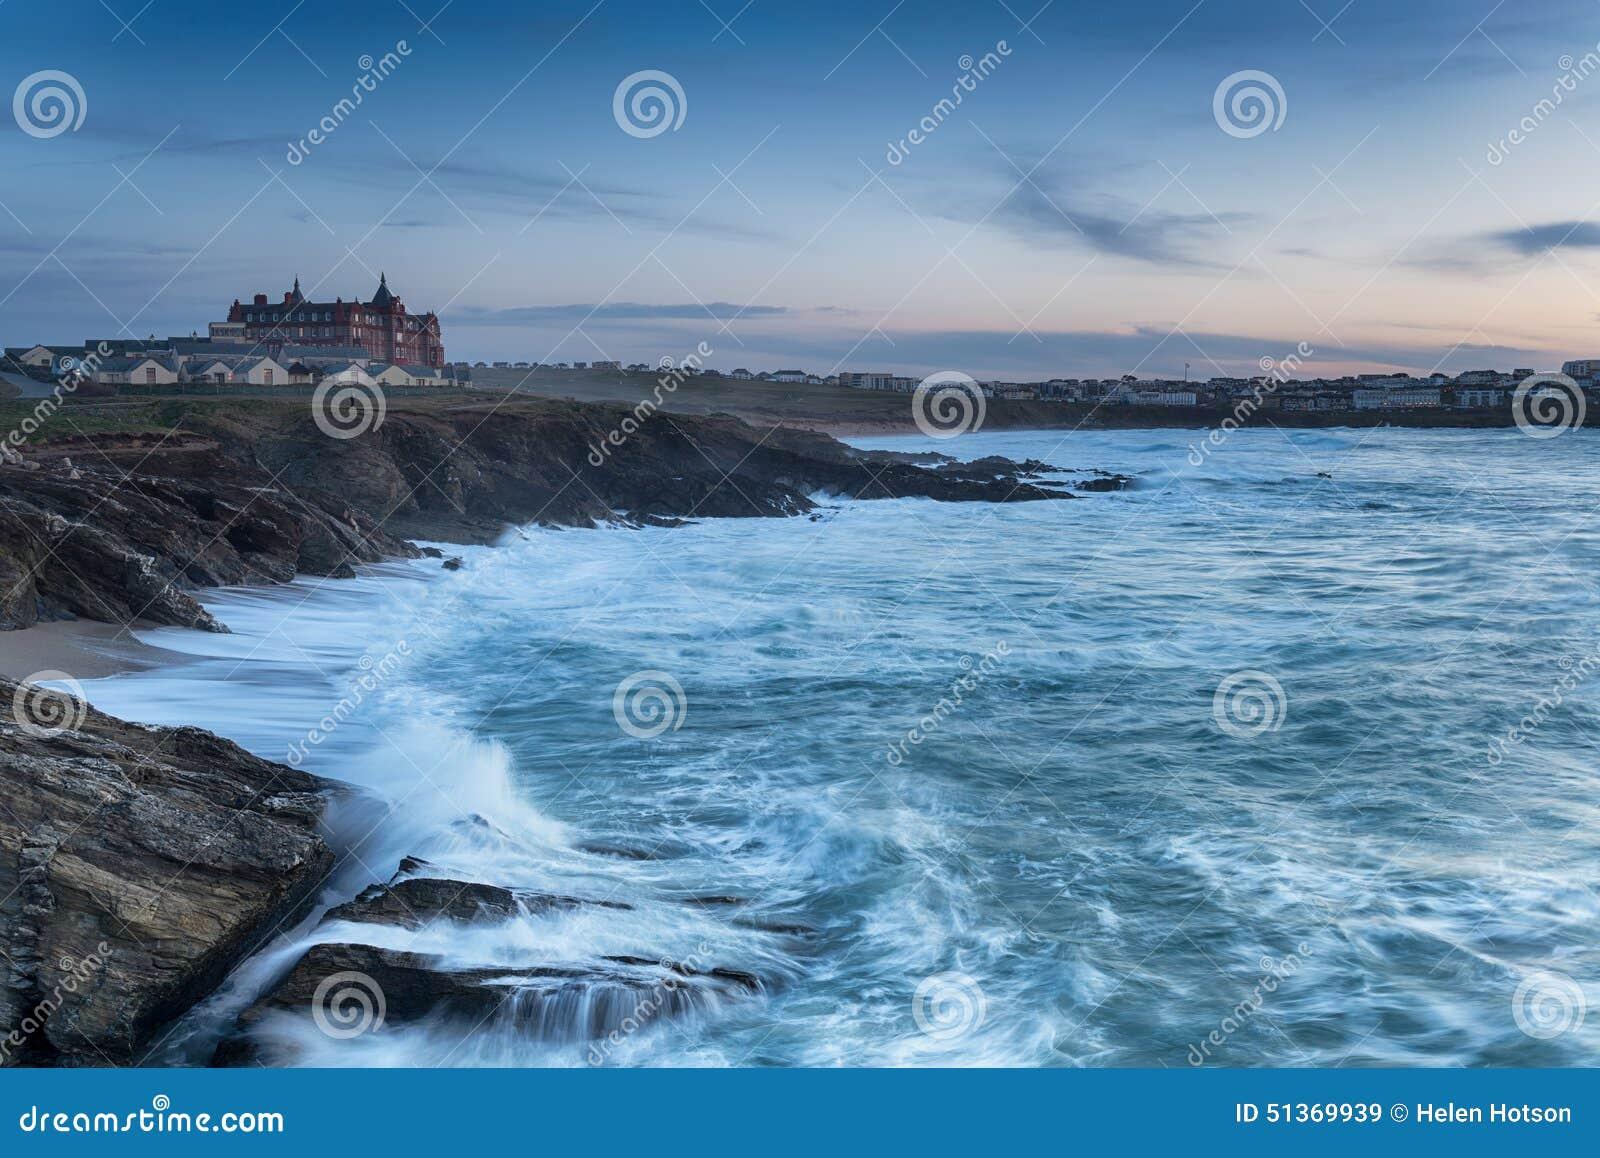 Fistral海滩的风雨如磐的海